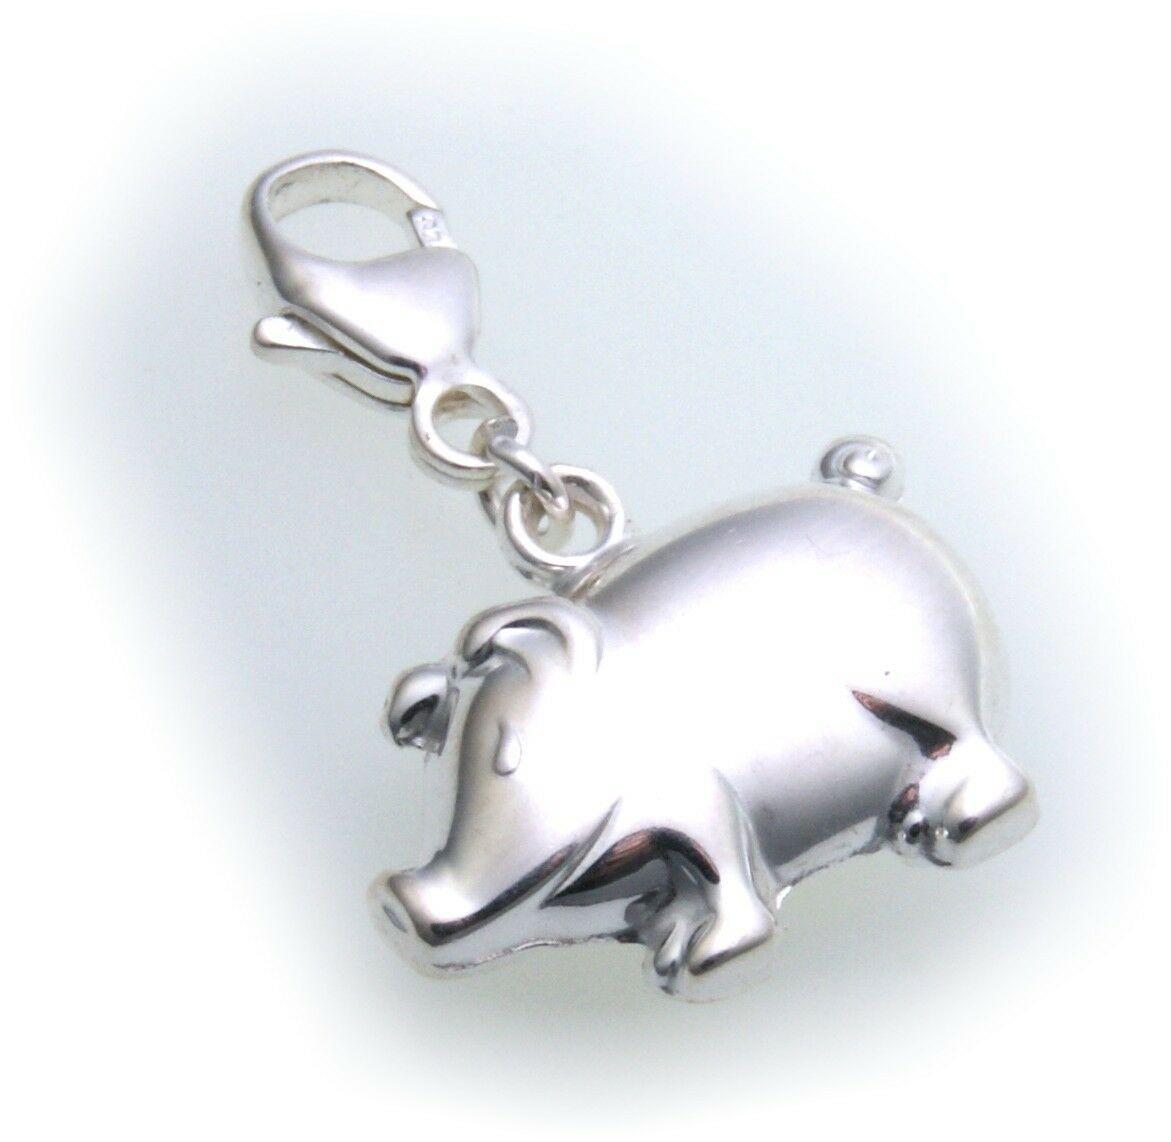 Charm Schwein echt Silber 925 Bettelarmband Charms Sterlingsilber Qualität